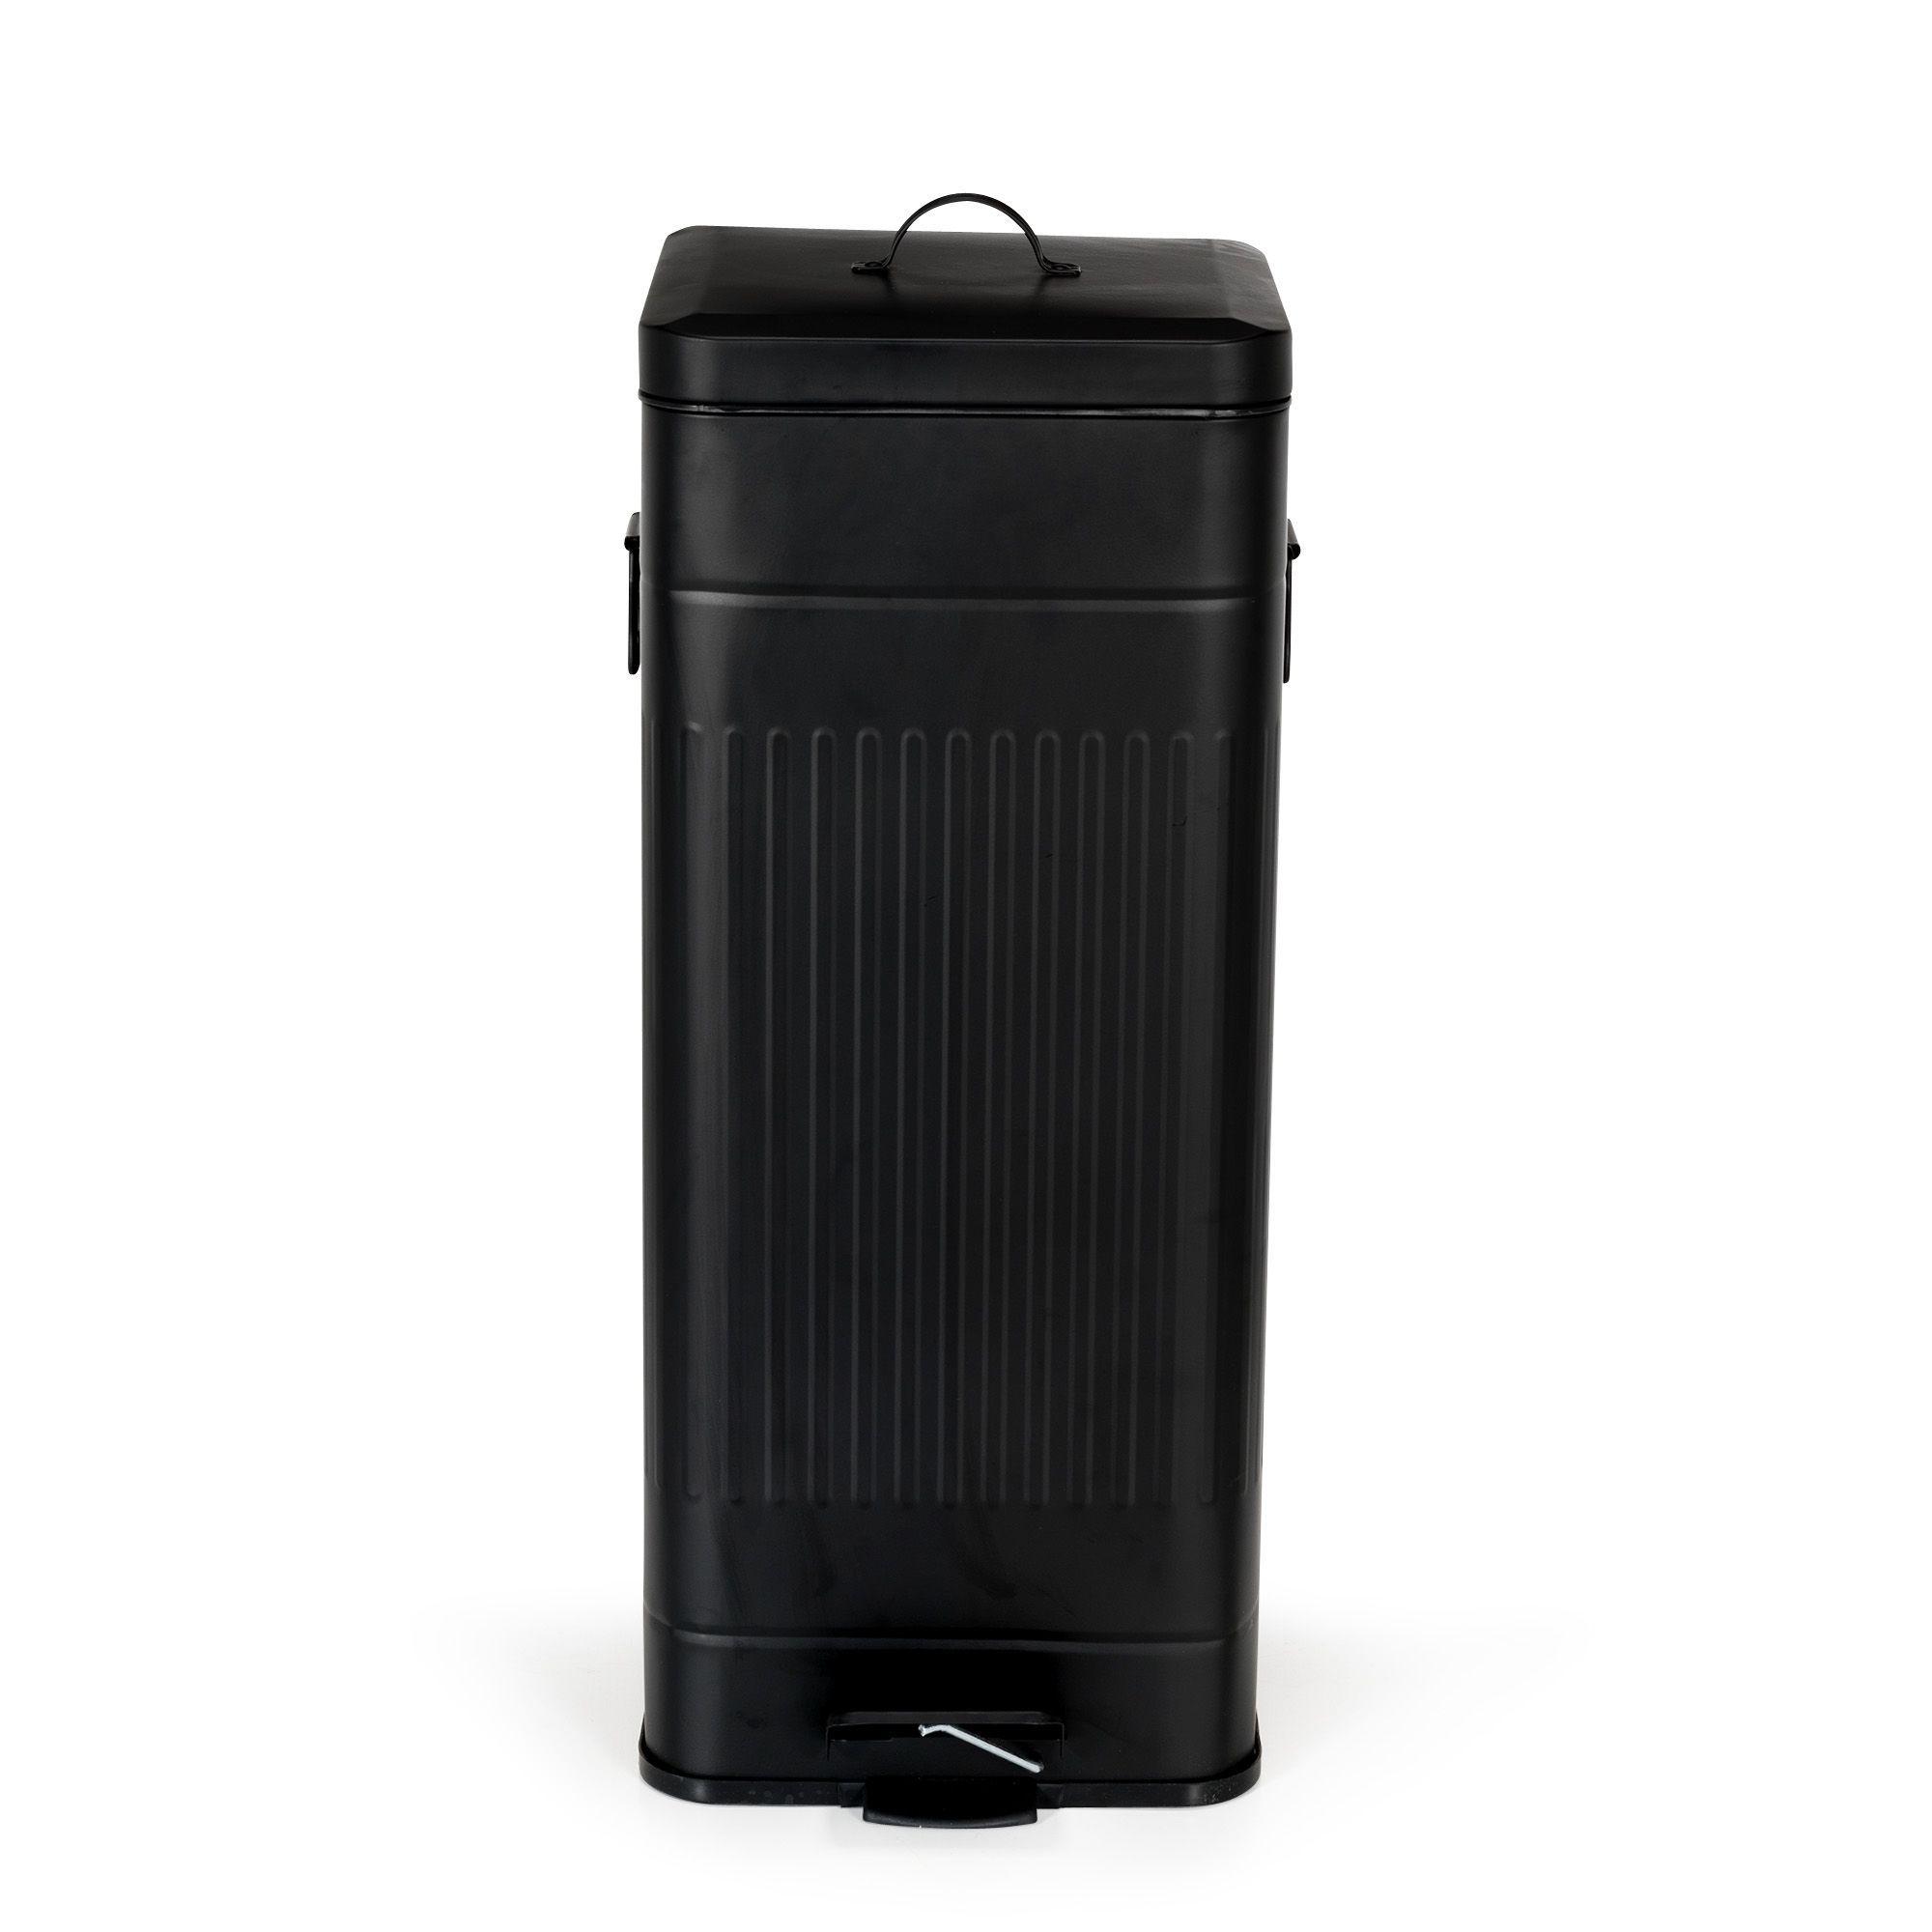 poubelle en métal noir 30 litres noir - nico - les poubelles multi